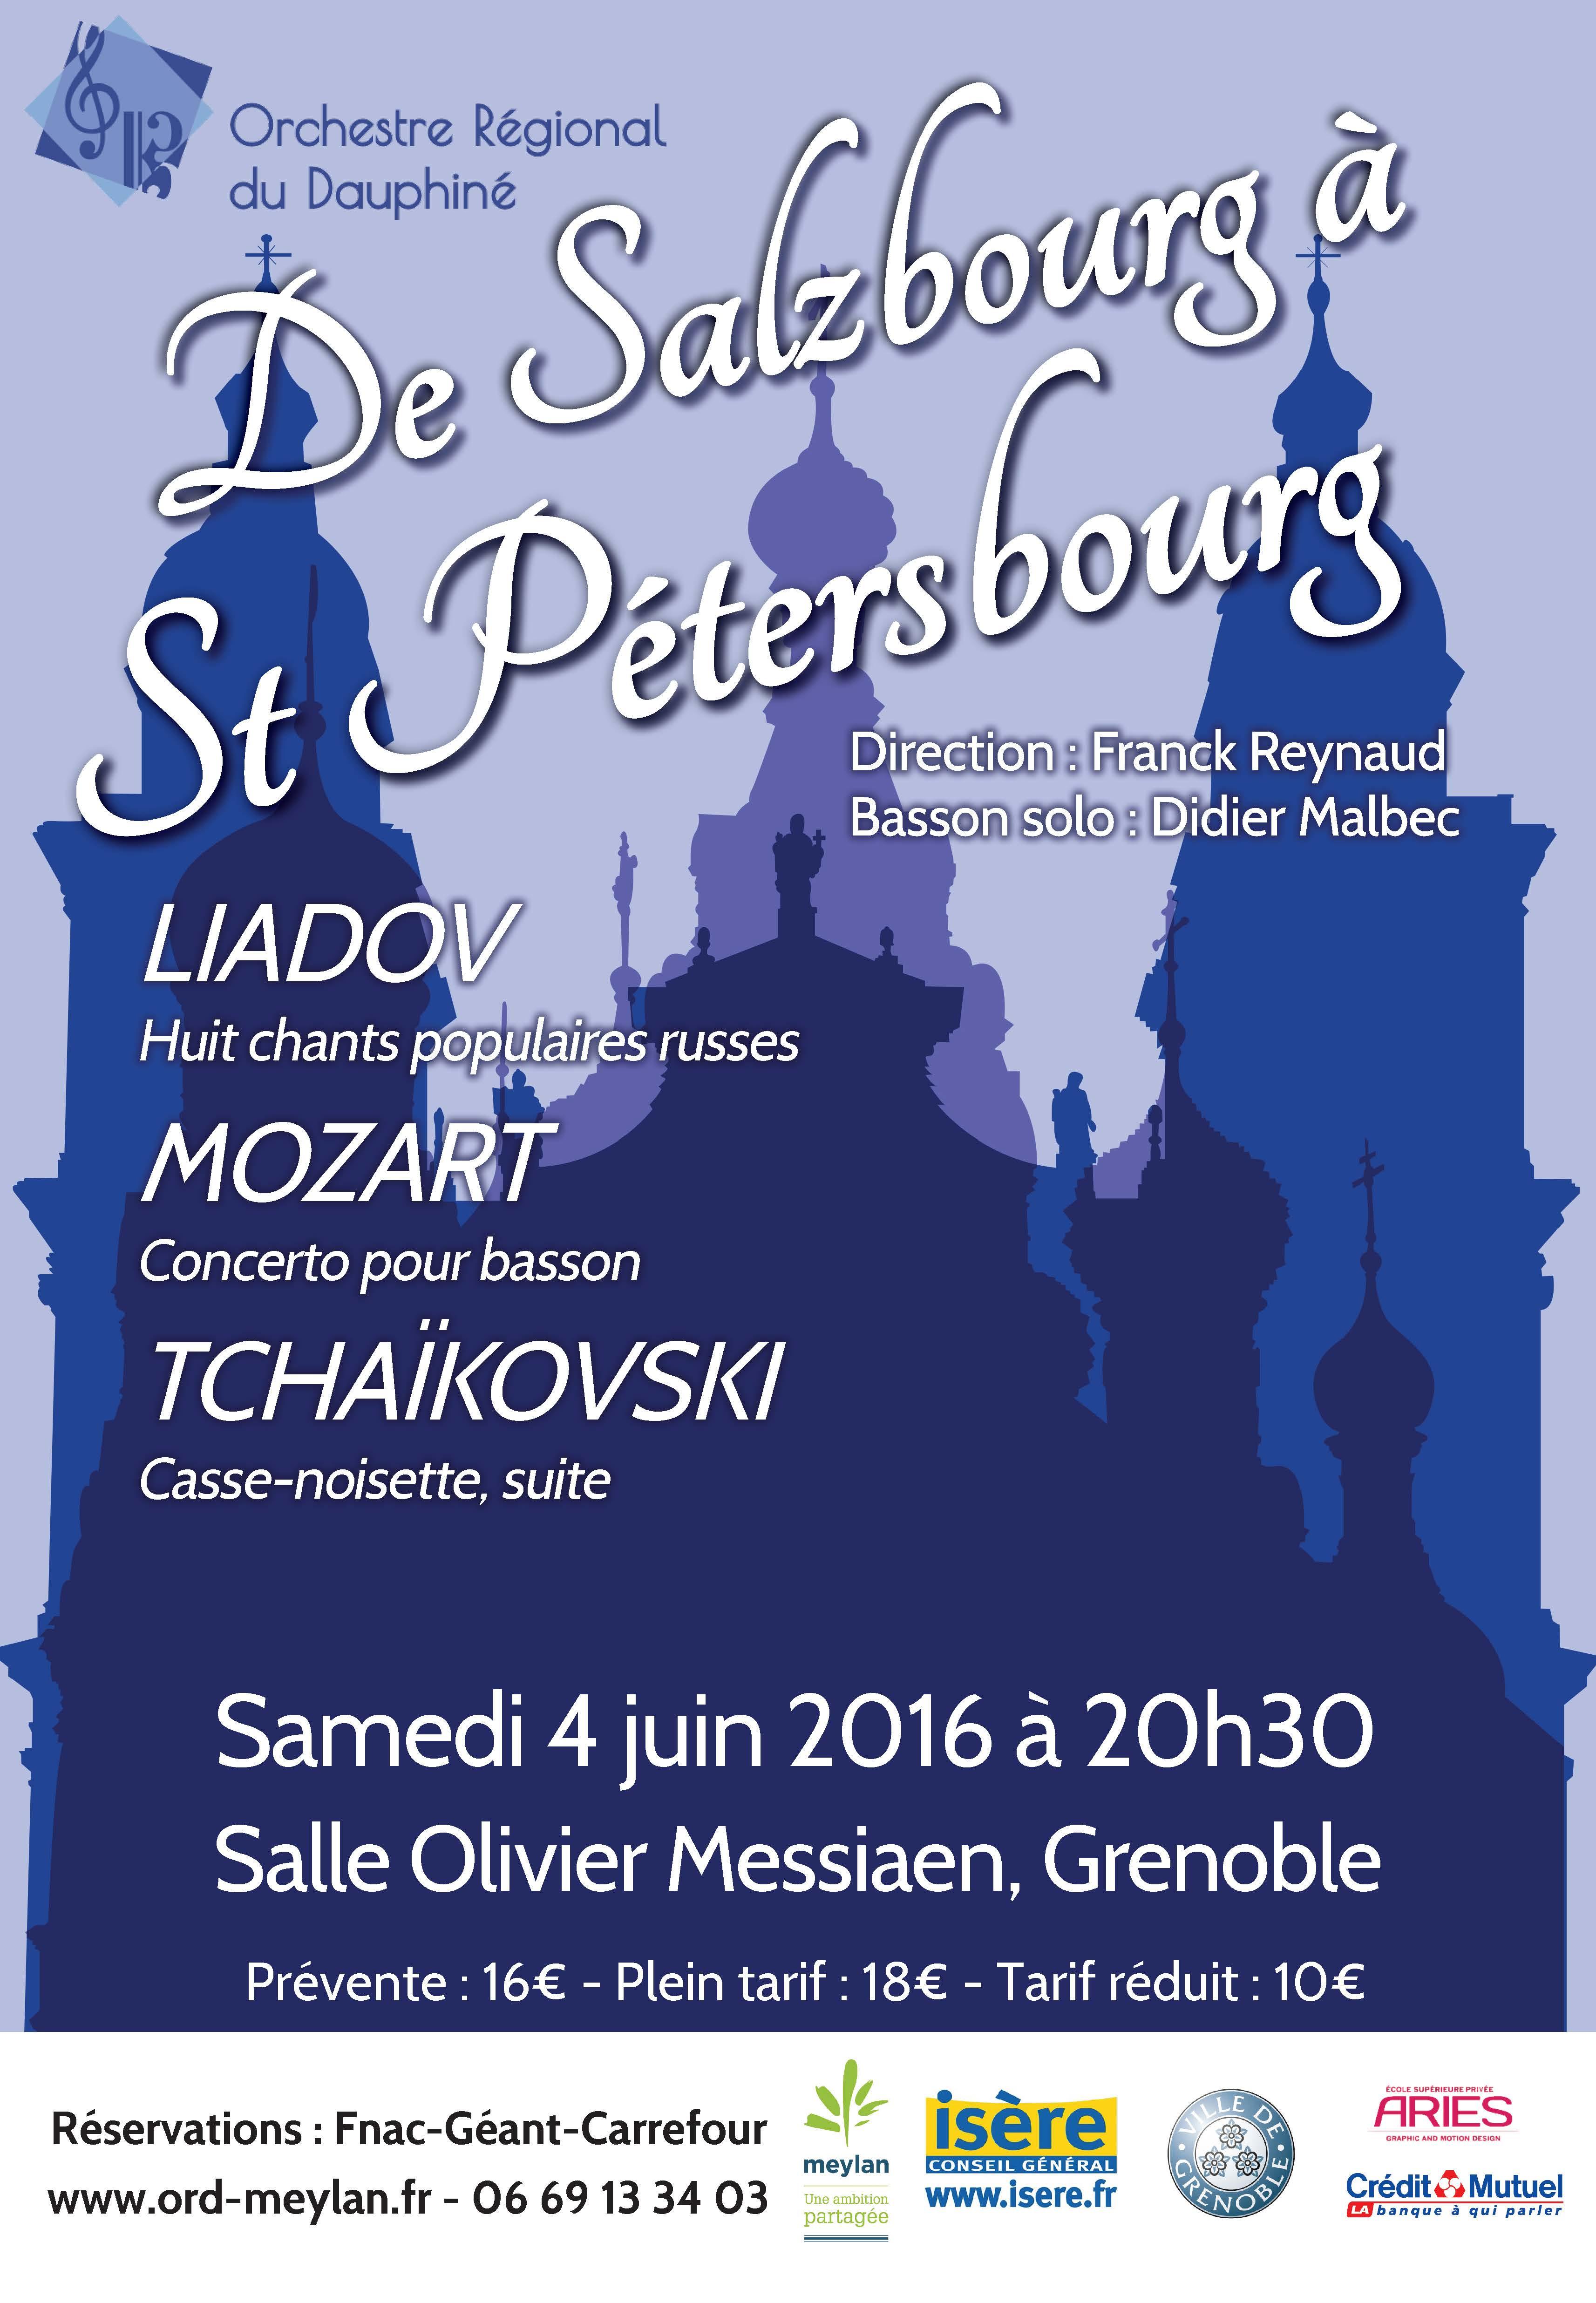 Affiche De Salzboug